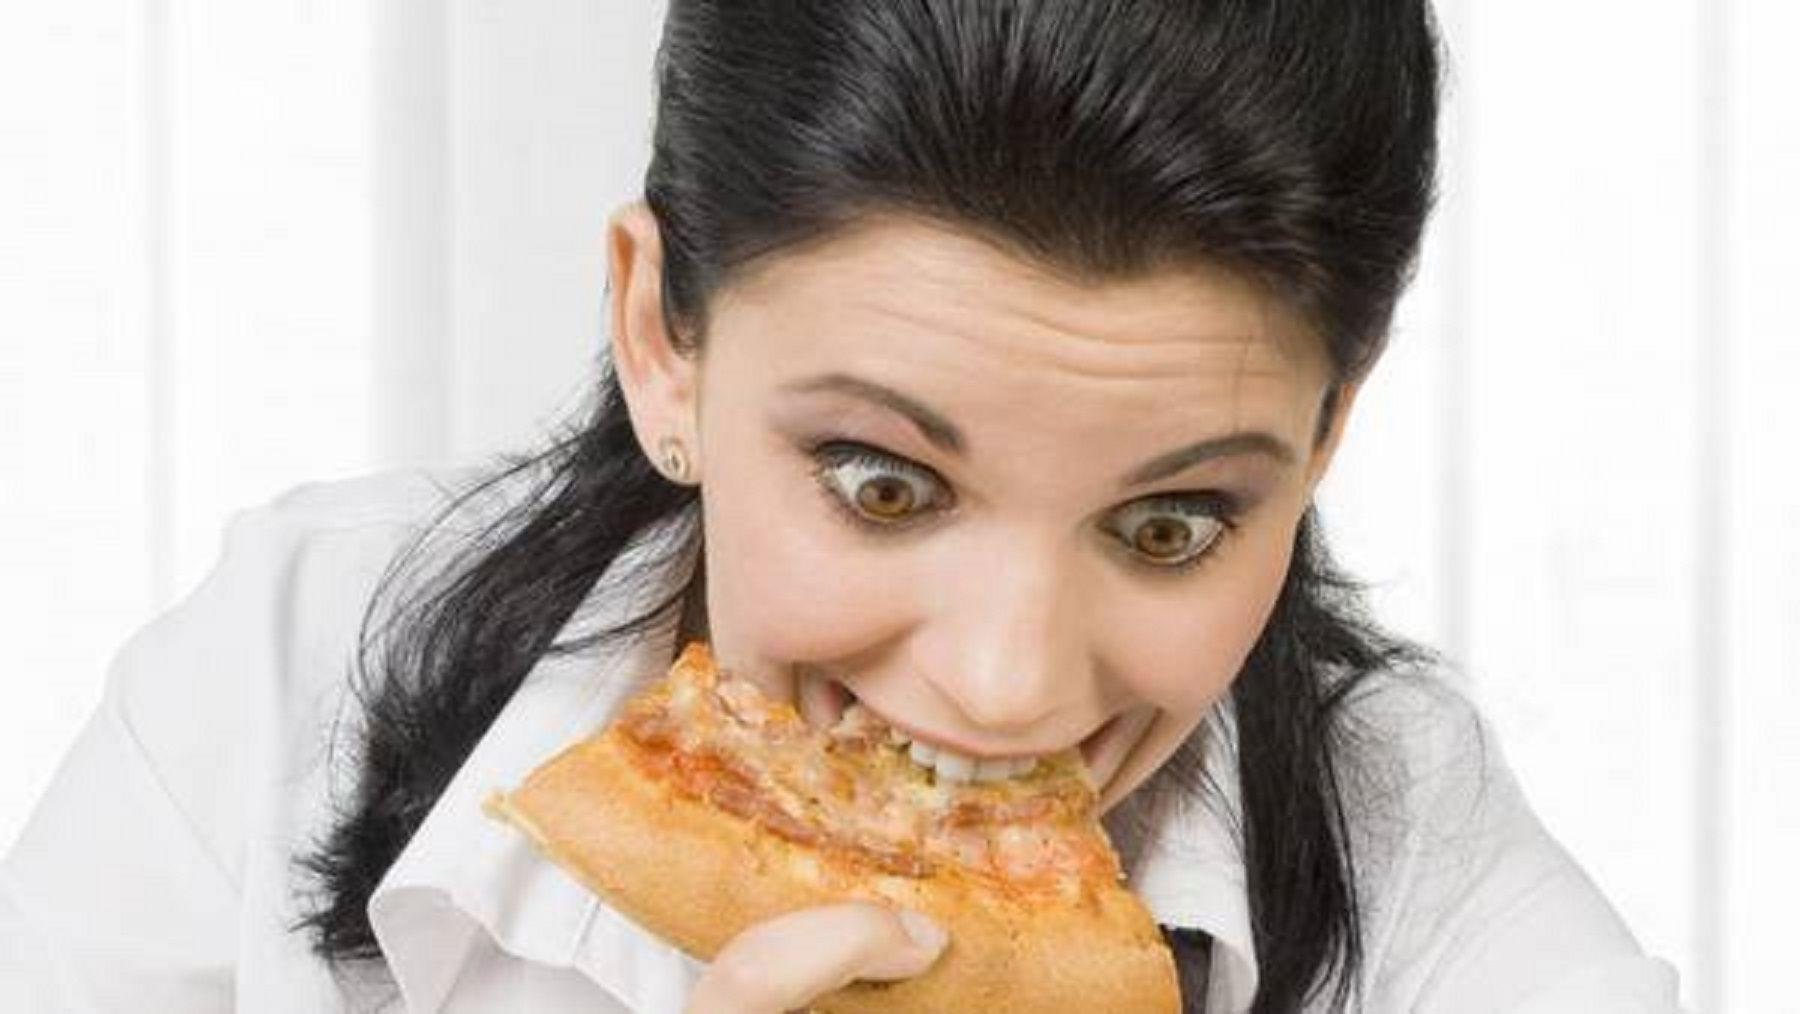 Insólito: llamó a la policía porque la pizza le salió con poco queso